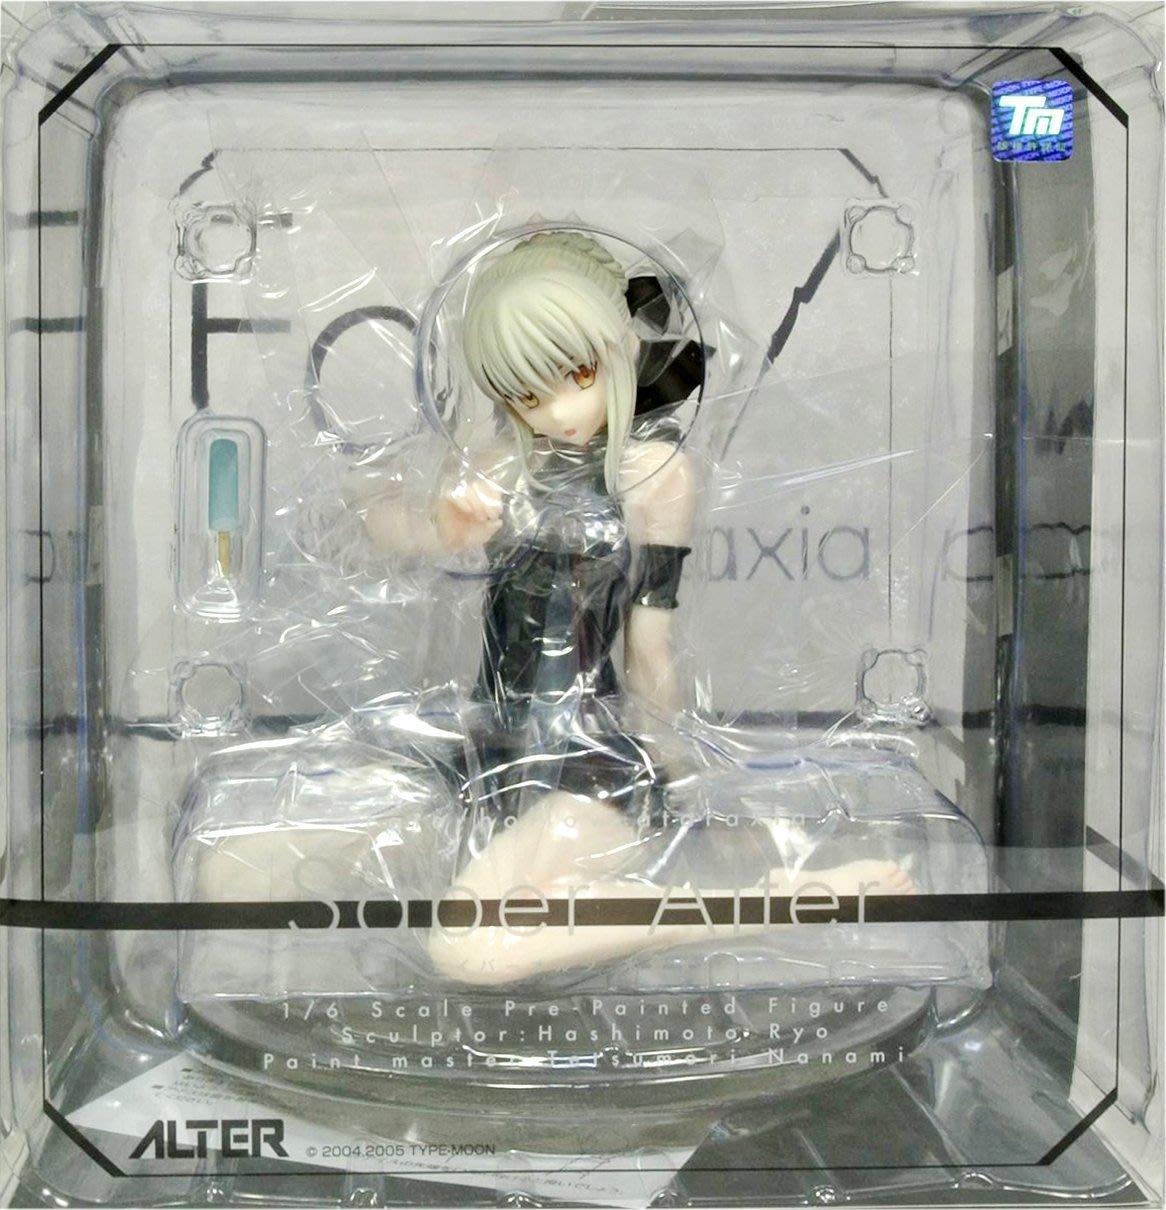 日本正版 ALTER Fate/hollow ataraxia 黑Saber Alter 泳裝 1/6 公仔 日本代購